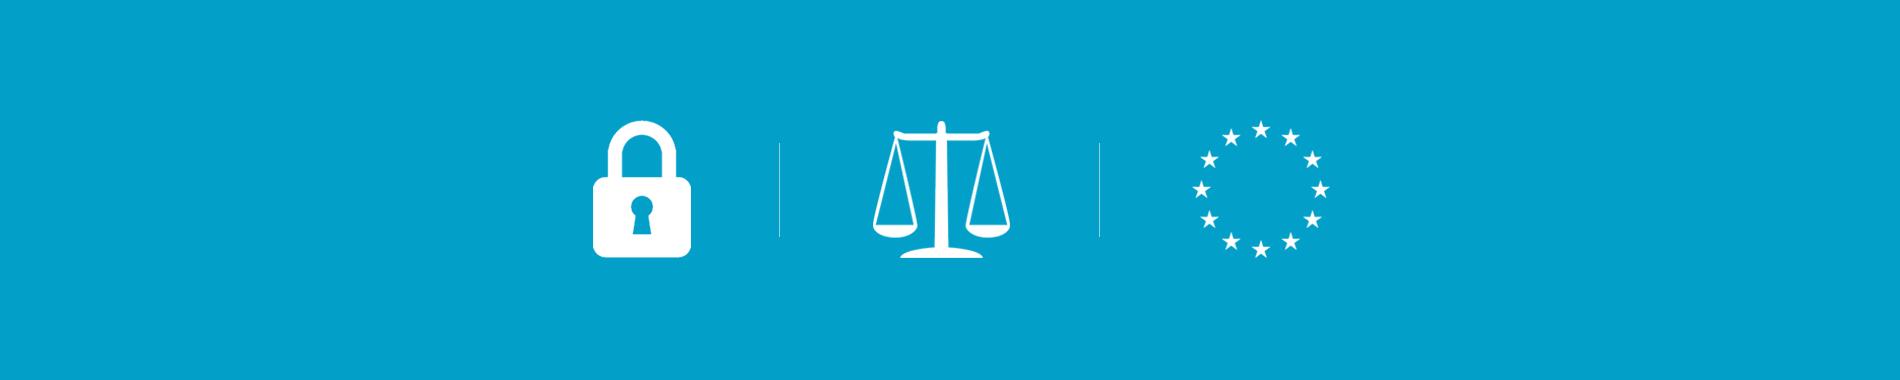 Privacy Checklist - Beyond EU Data Protection Policy (GDPR)